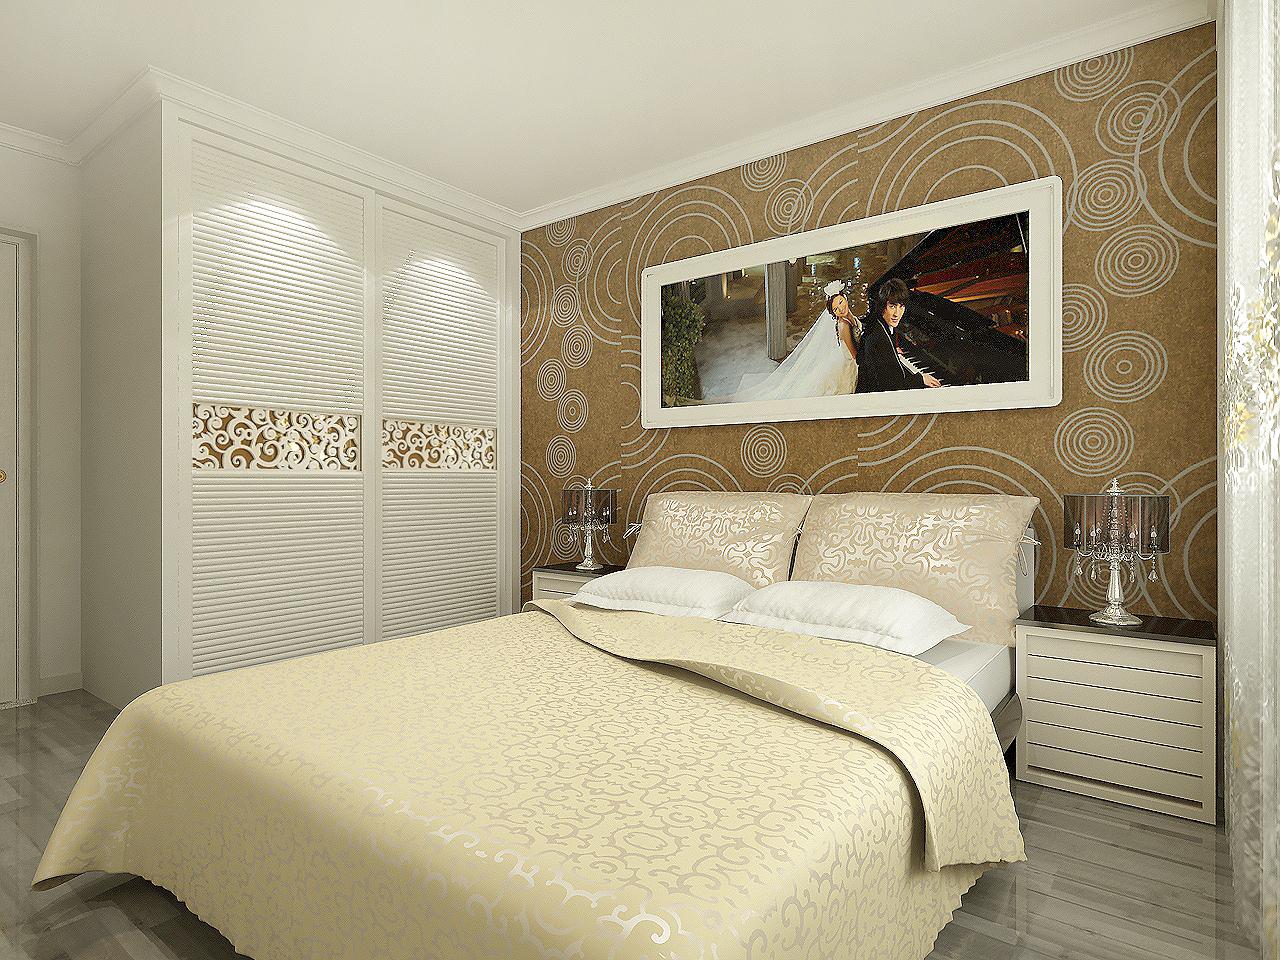 简约 现代 卧室图片来自链连妞妞在小黄庄小区的分享